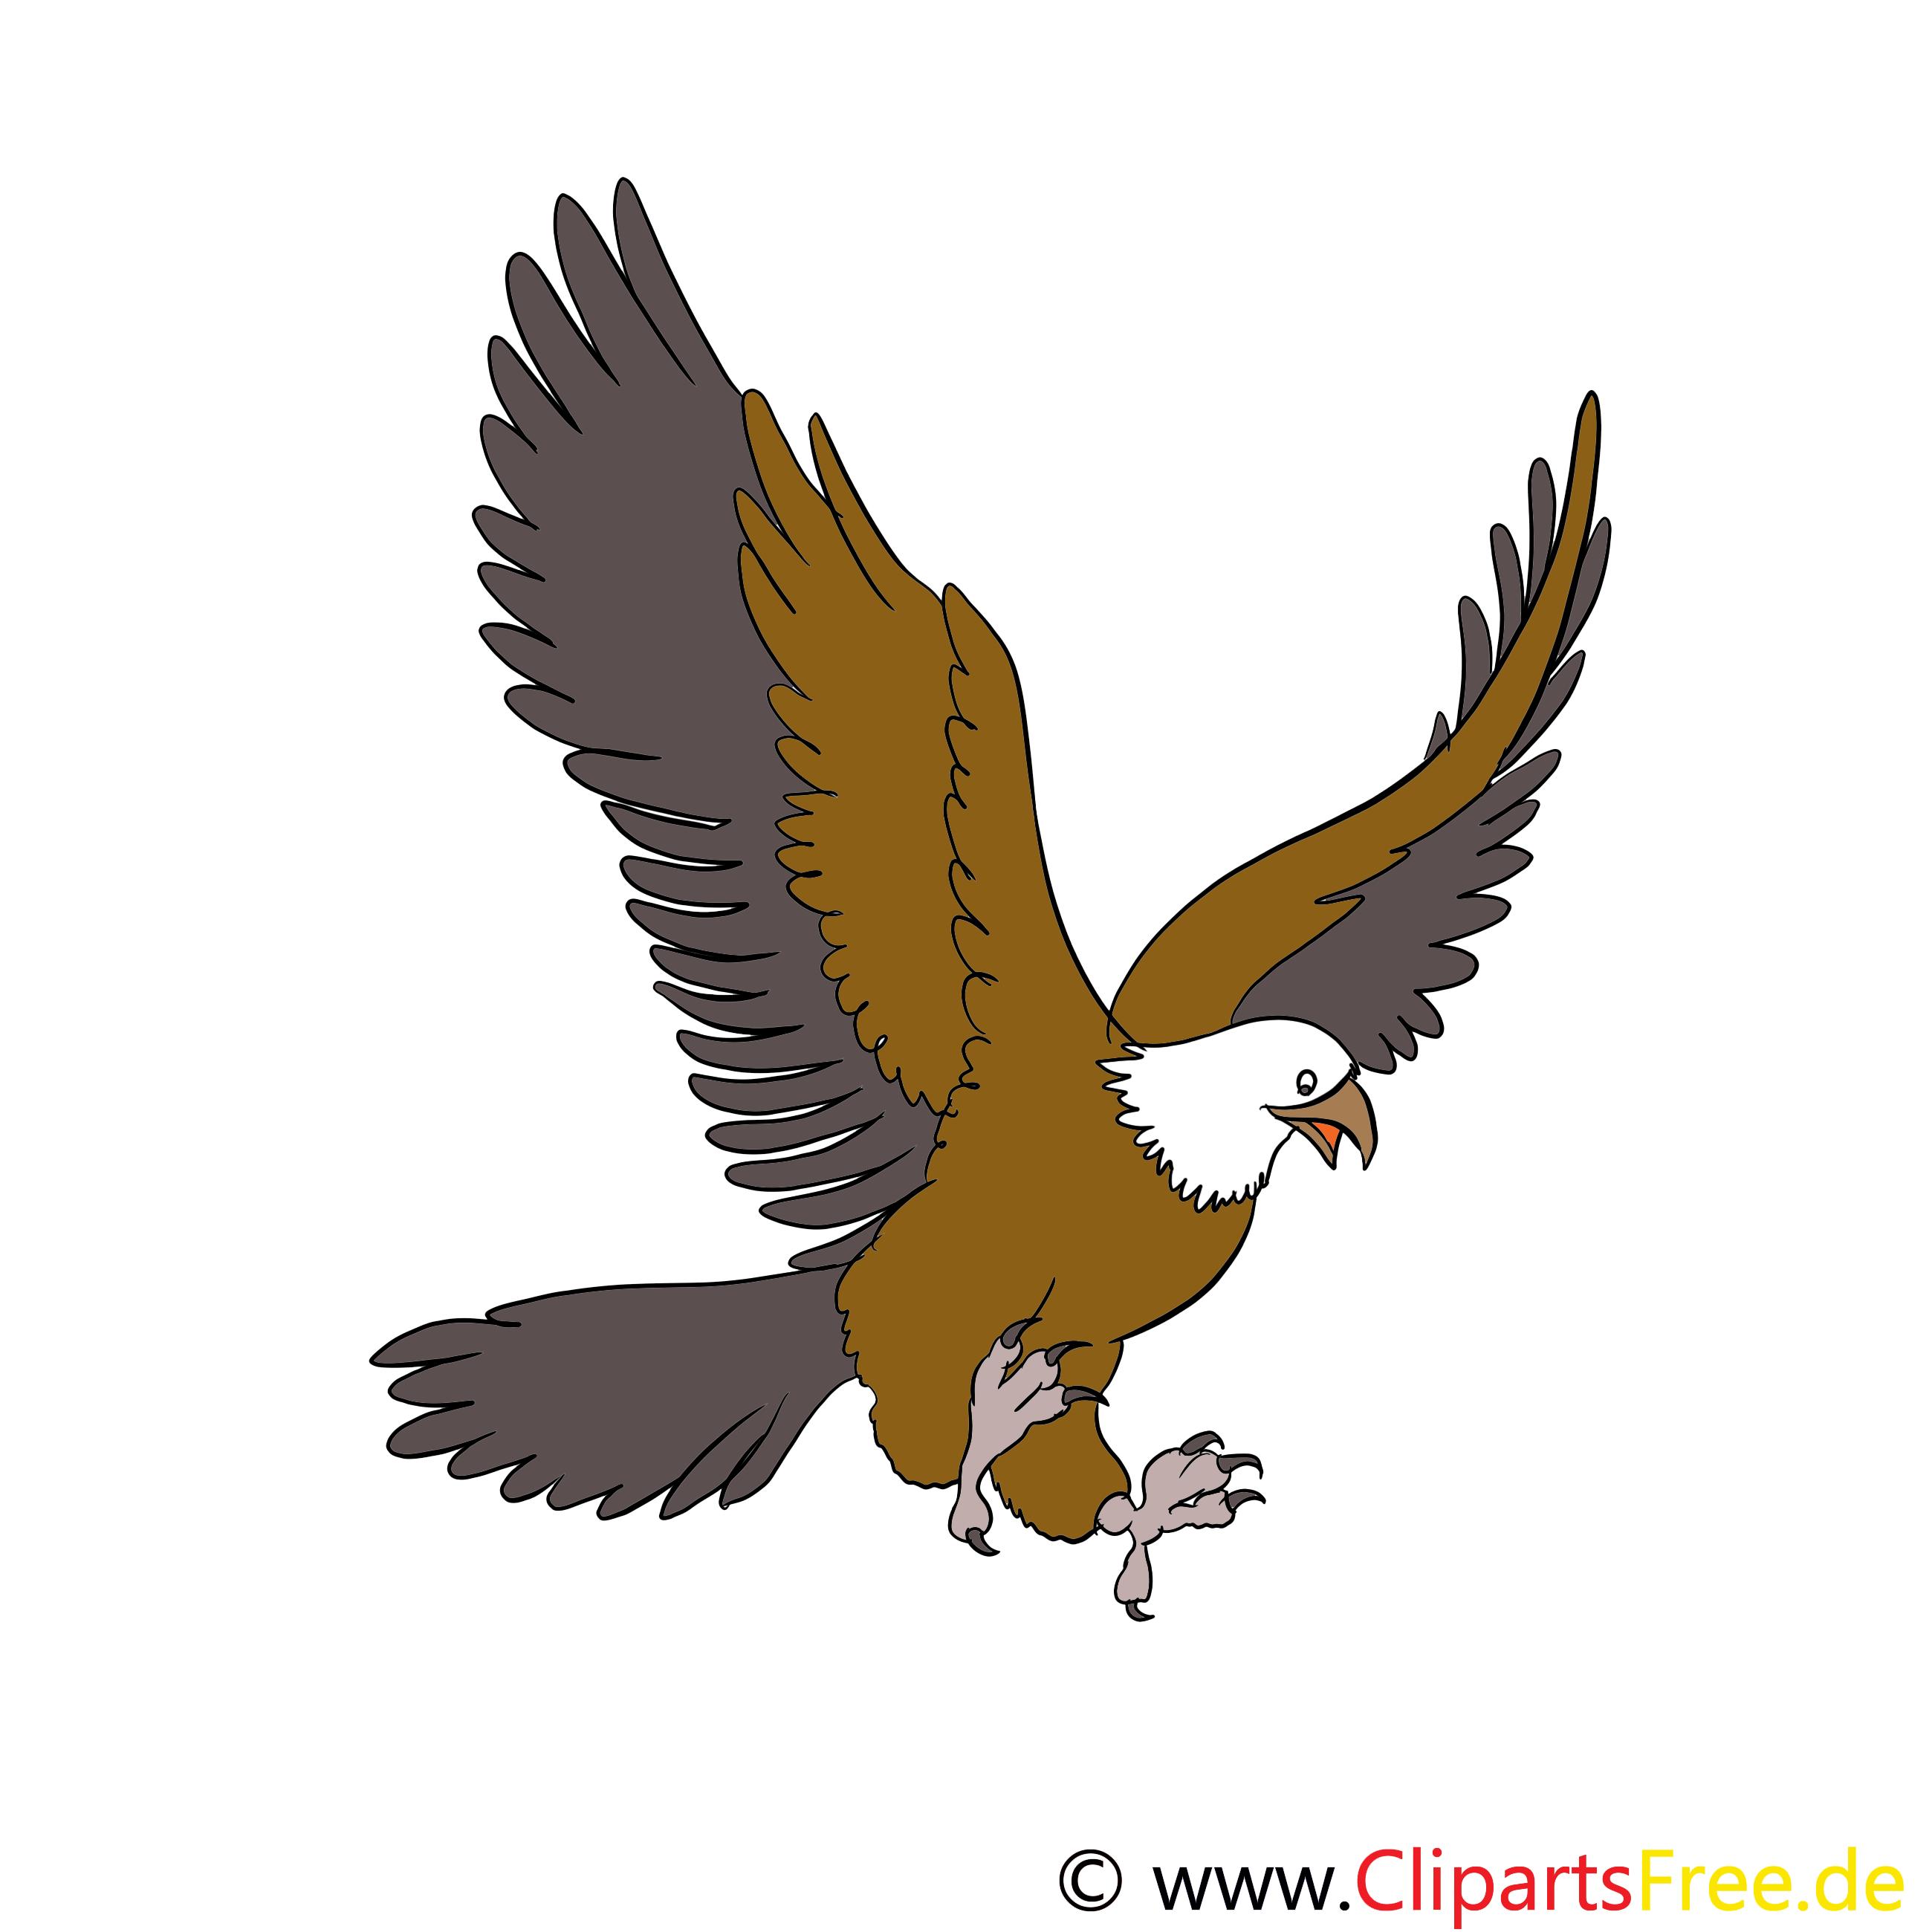 Adler Cartoon, Bild, Illustration, Clip Art